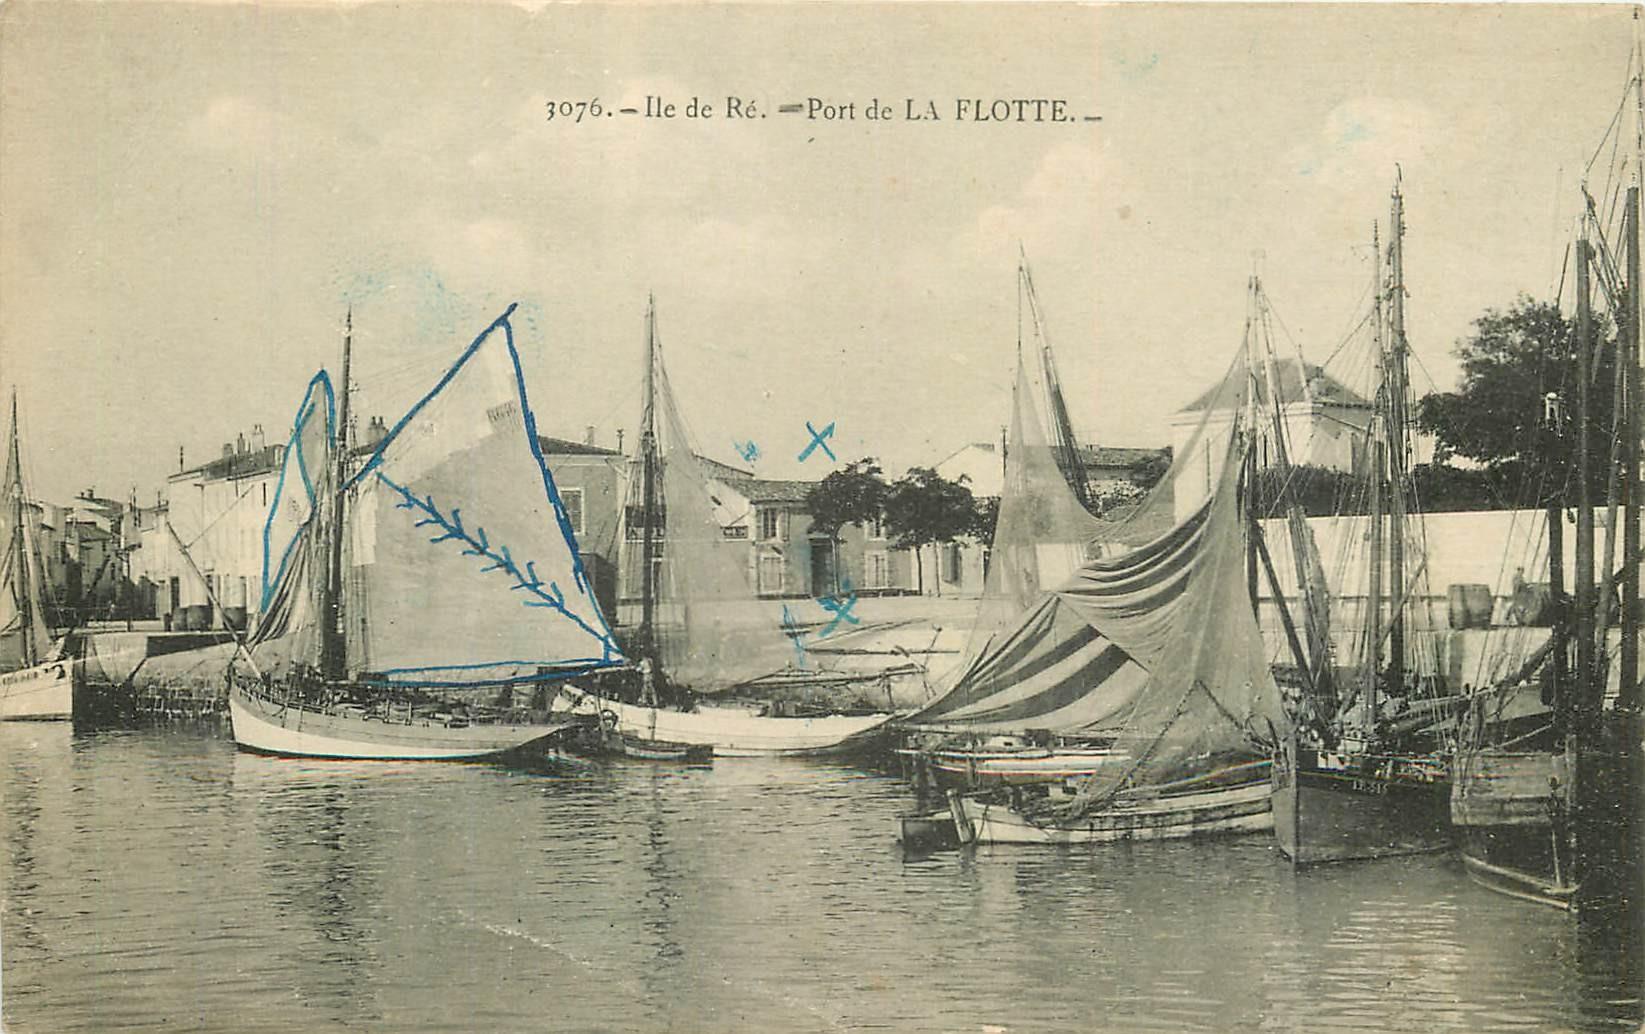 17 ILE DE RE. Bateaux de Pêche au Port de La Flotte 1924